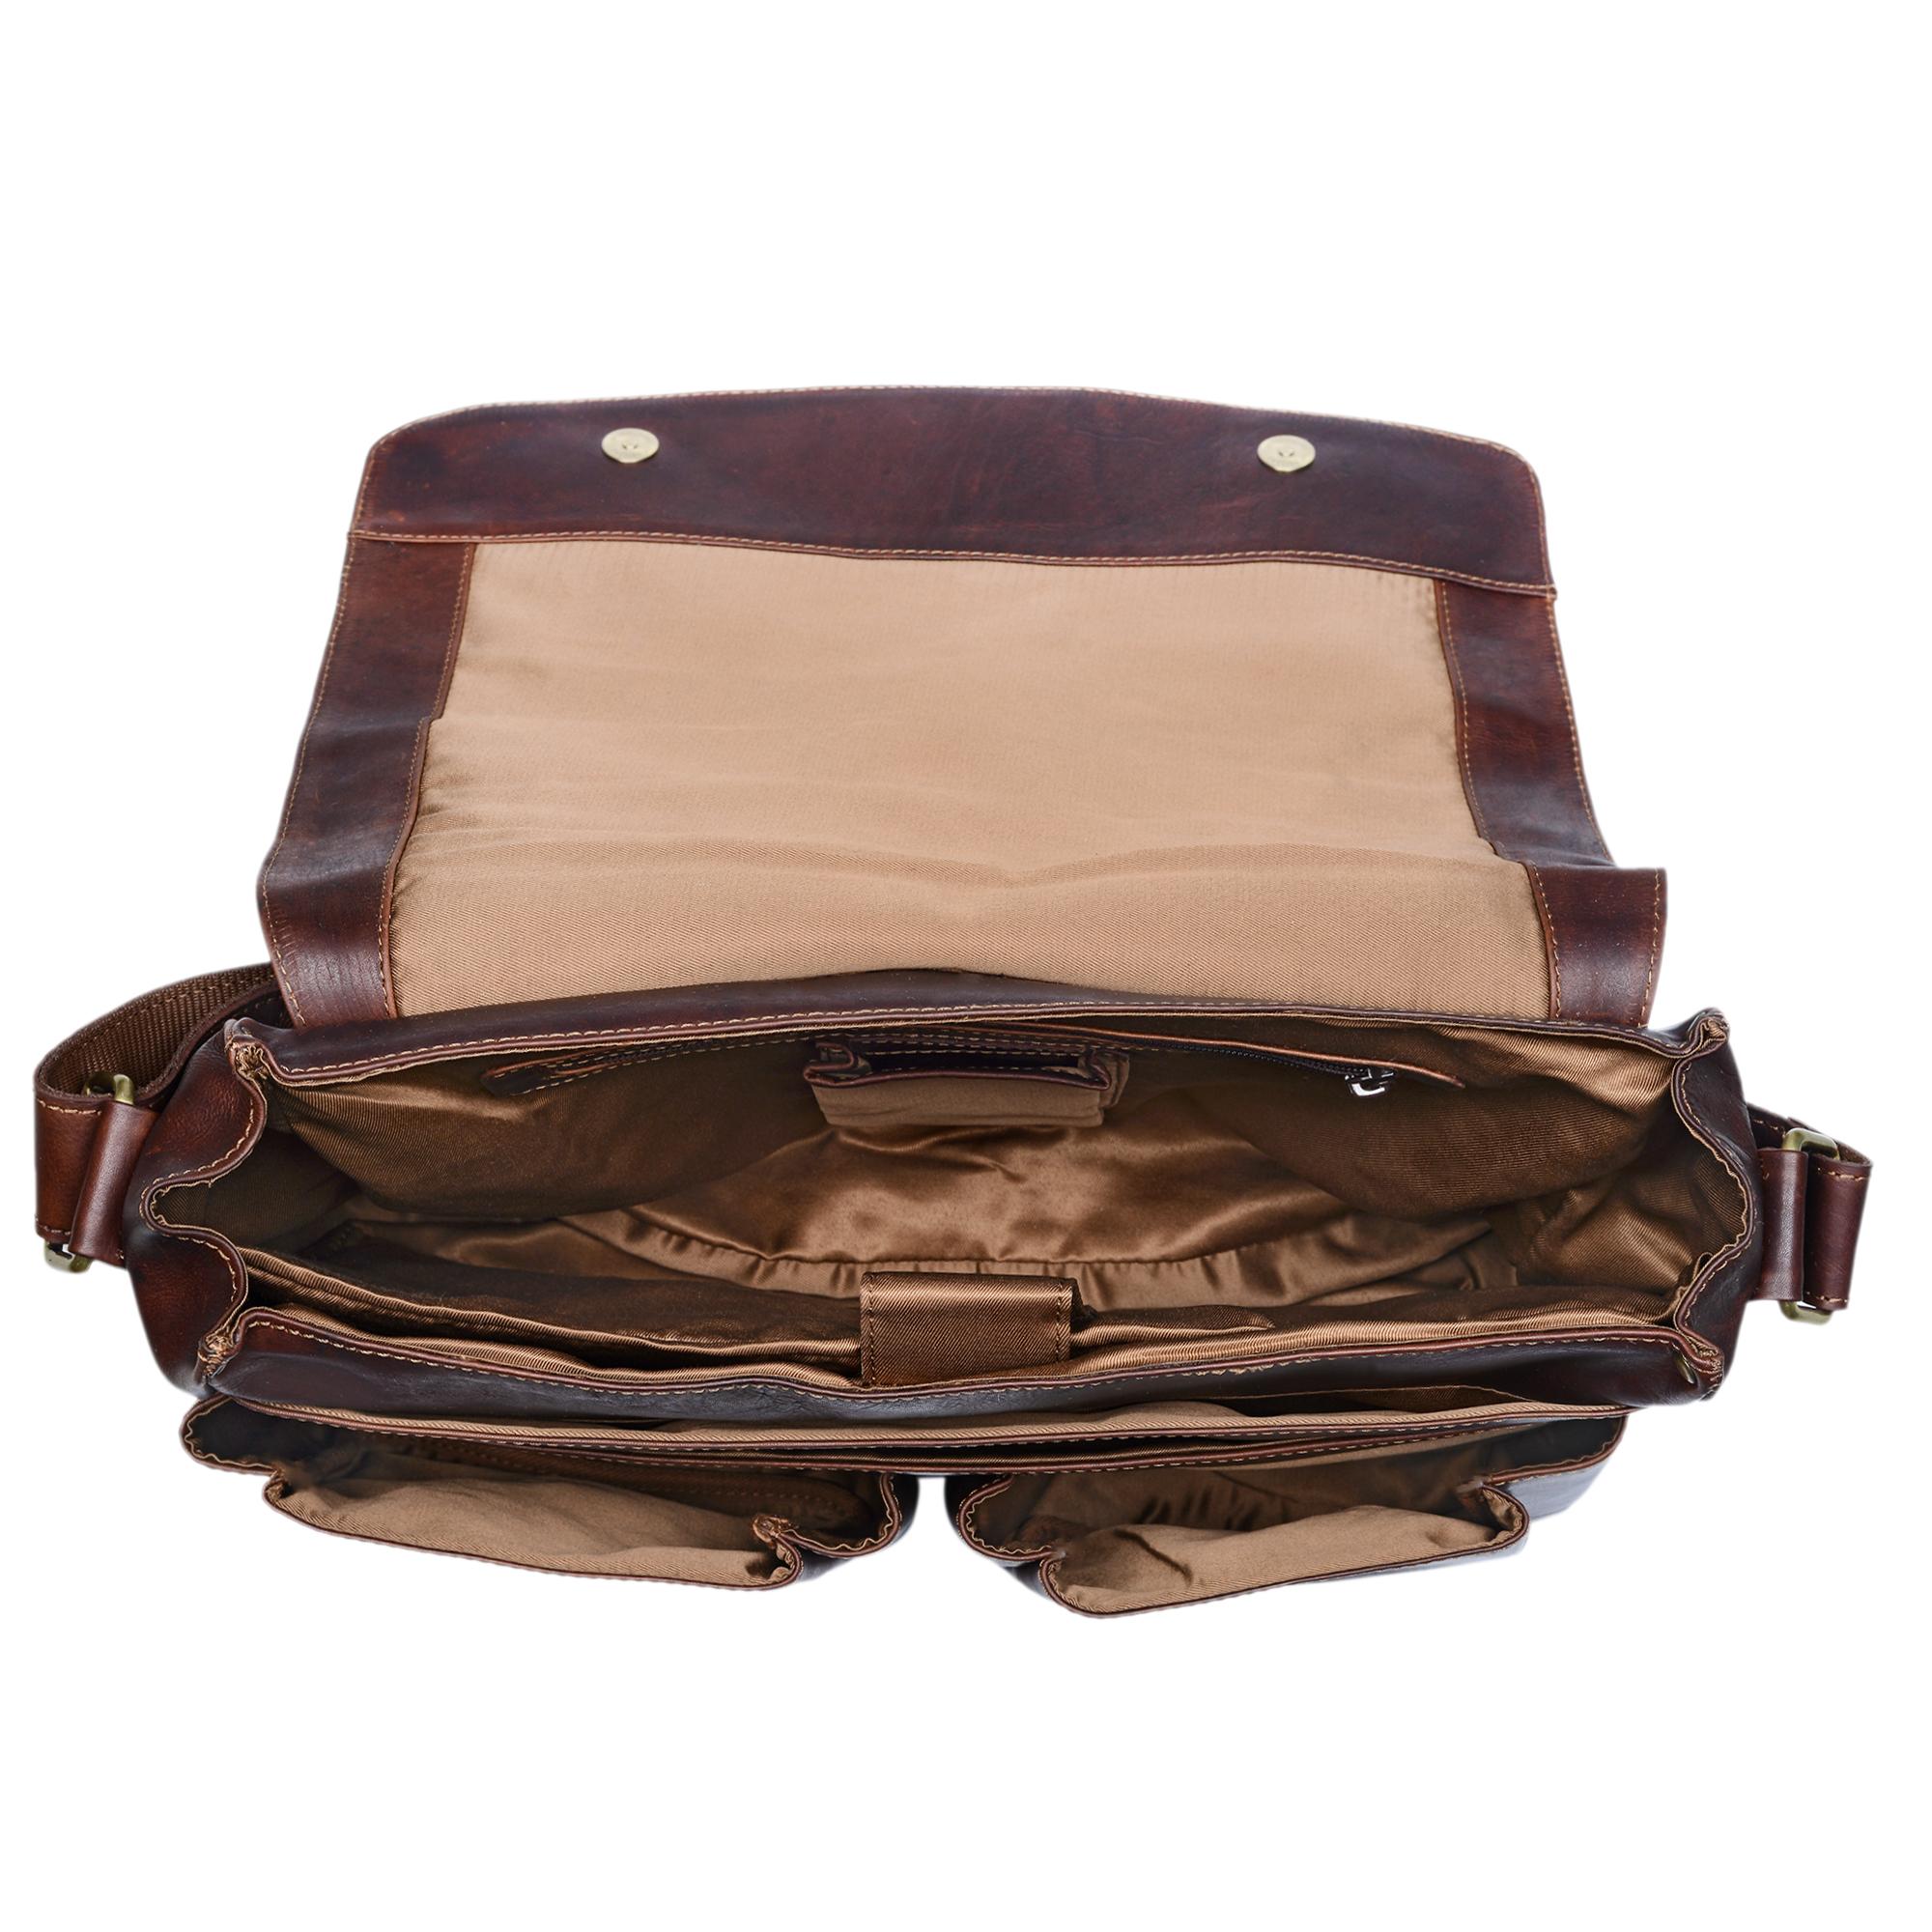 """STILORD """"Leonardo"""" Herren Ledertasche Umhängetasche Vintage große Businesstasche für Büro Arbeit Uni mit 15.6 Zoll Laptopfach aus echtem Büffel Leder - Bild 11"""